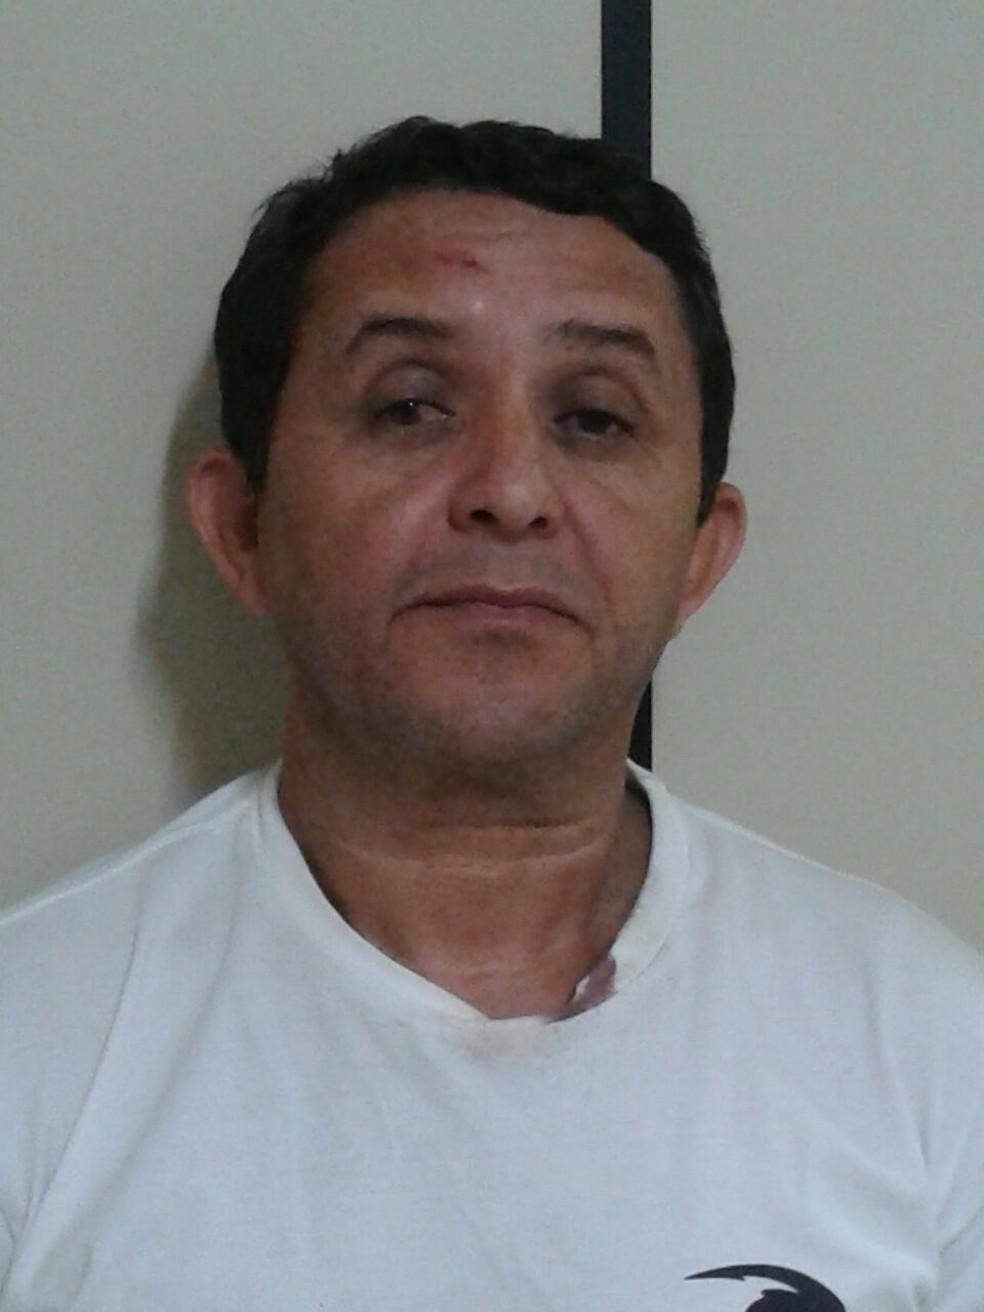 Homem foi preso suspeito de matar cunhado a facadas por dívida de R$ 650 (Foto: Divulgação / Polícia Civil)